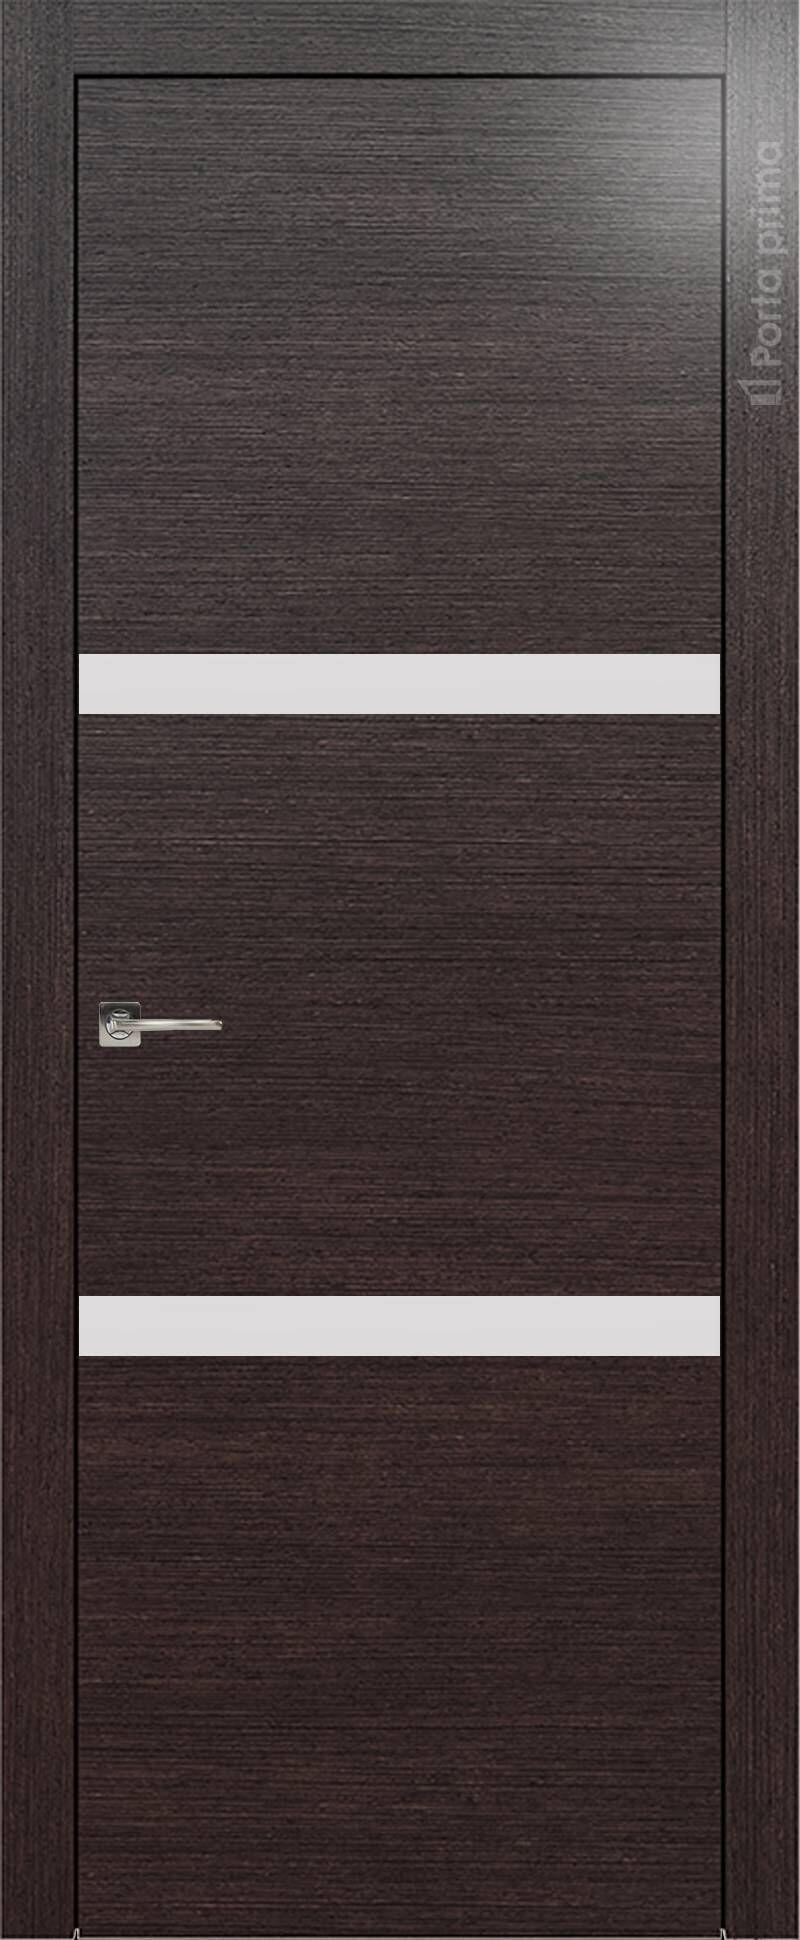 Tivoli В-4 цвет - Венге Шоколад Без стекла (ДГ)